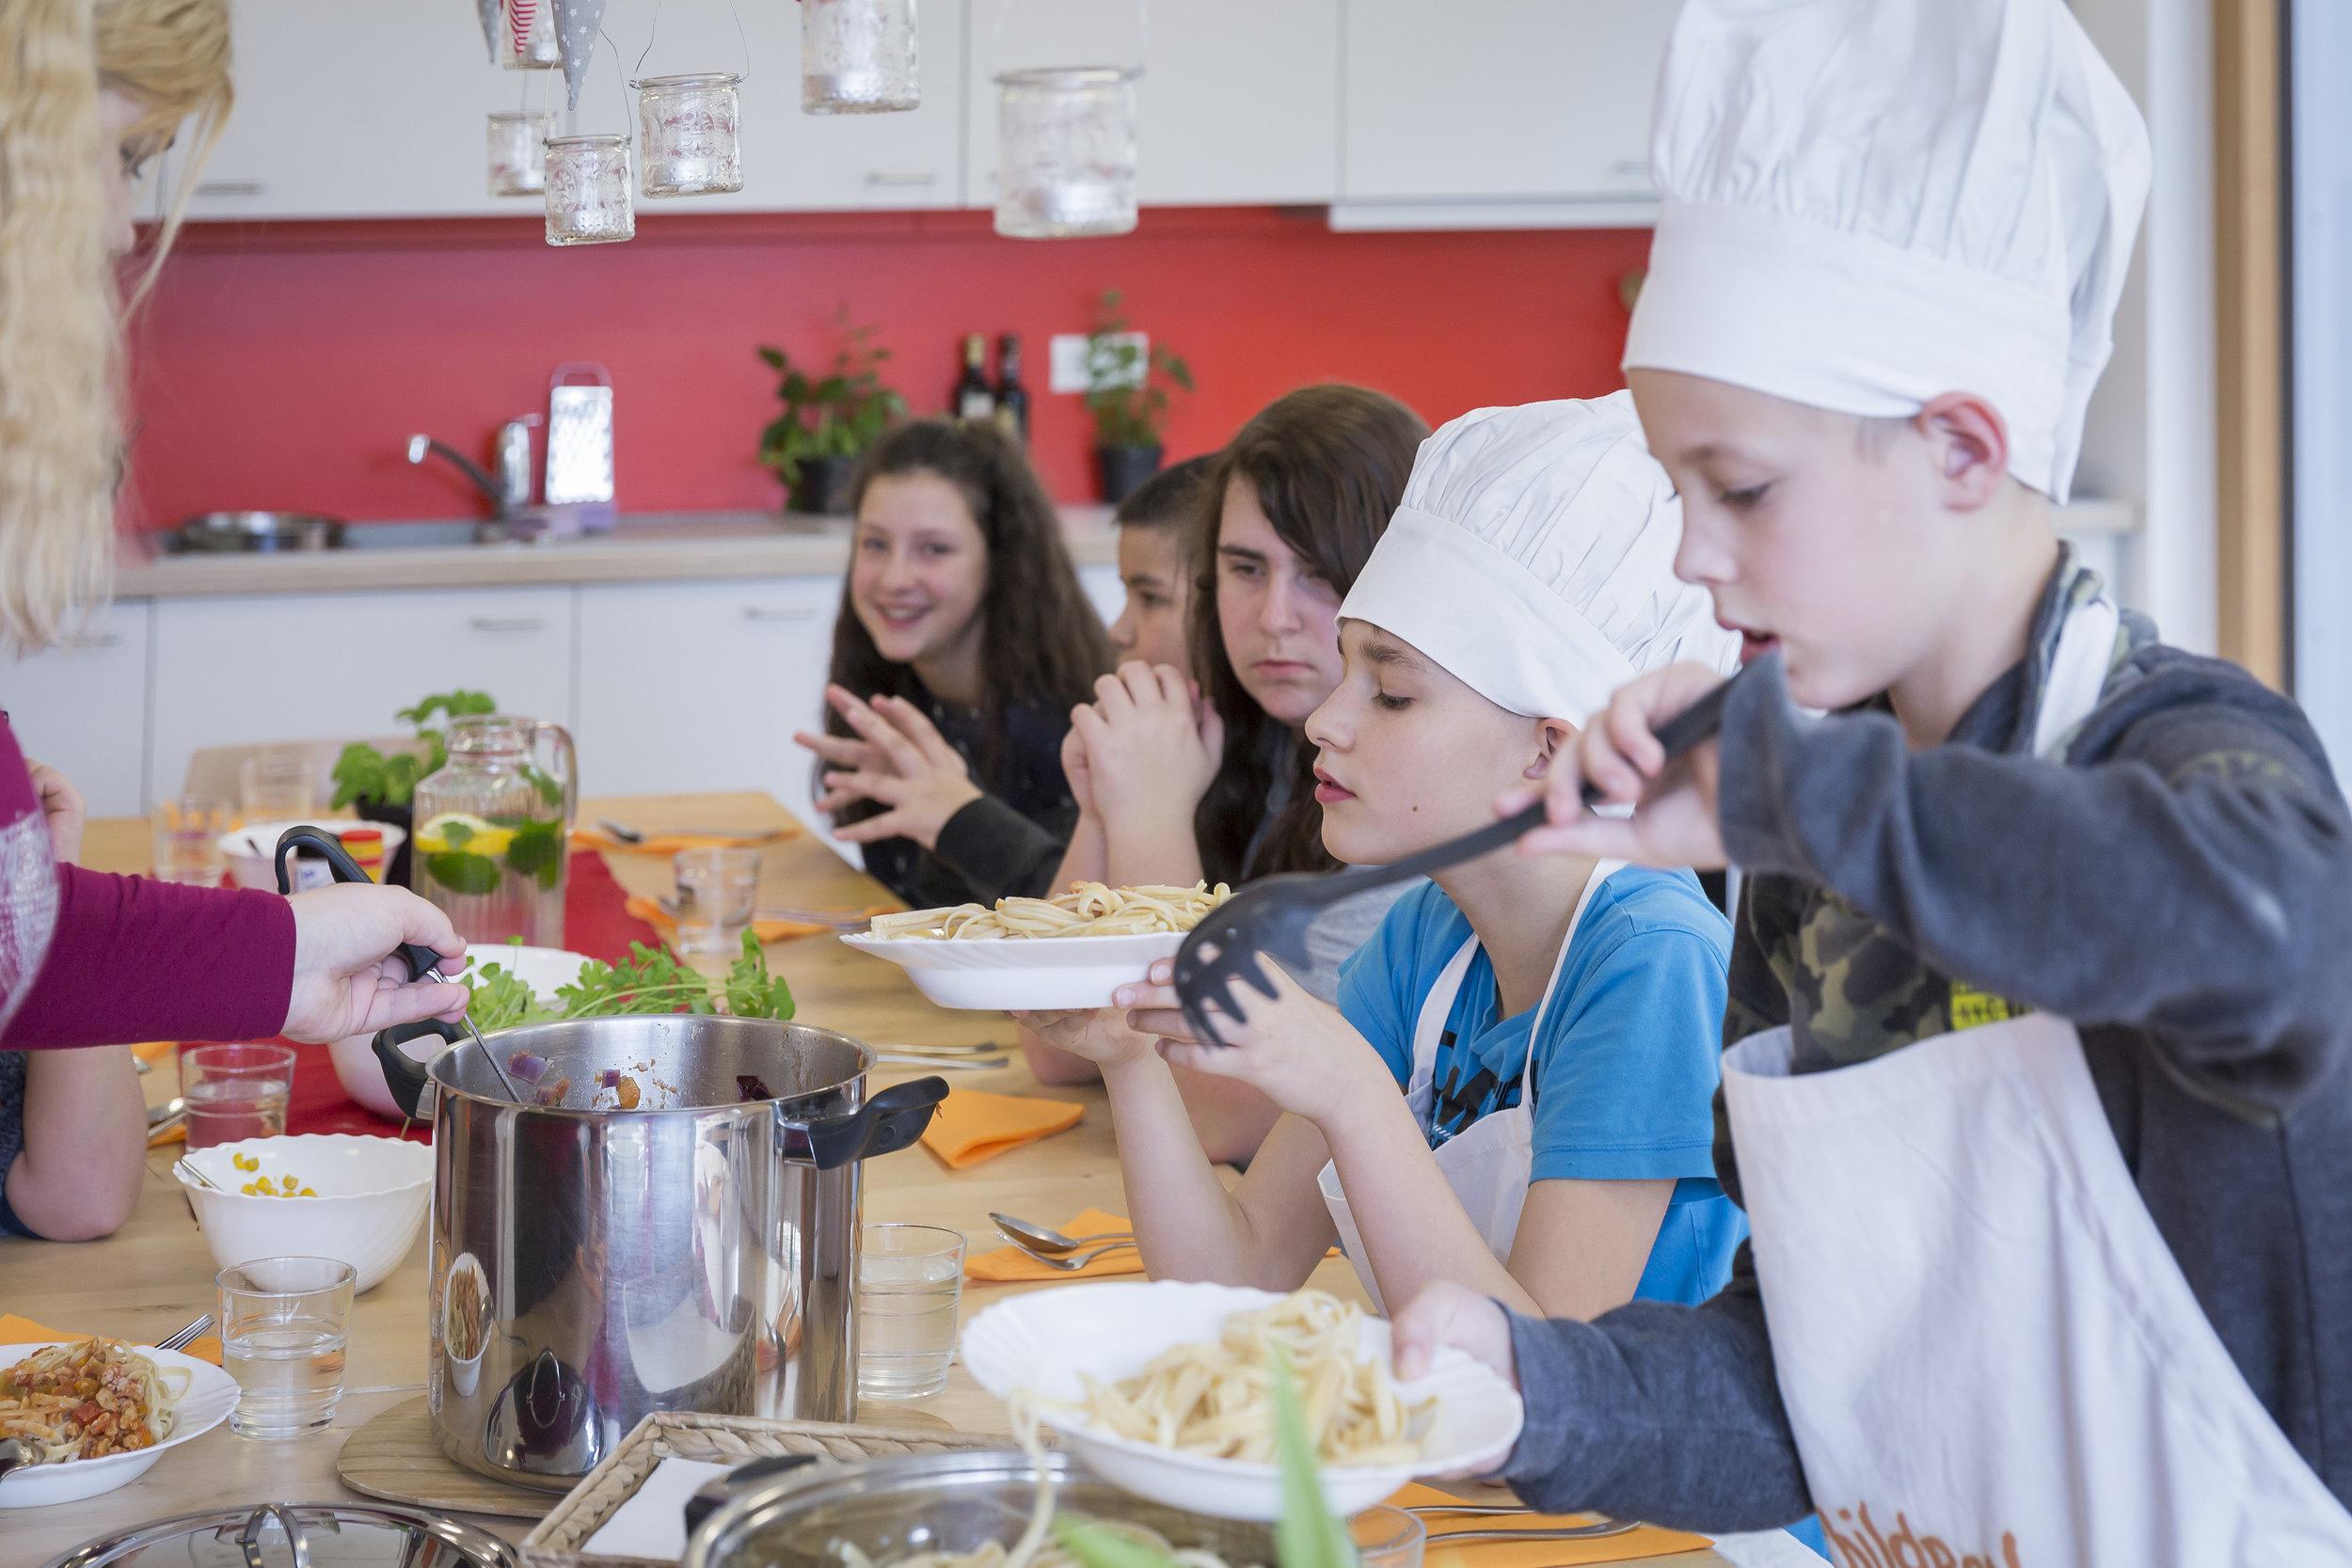 Gemeinsam wird gekocht und anschließend werden die Mahlzeiten in familiärer Atmosphäre eingenommen.